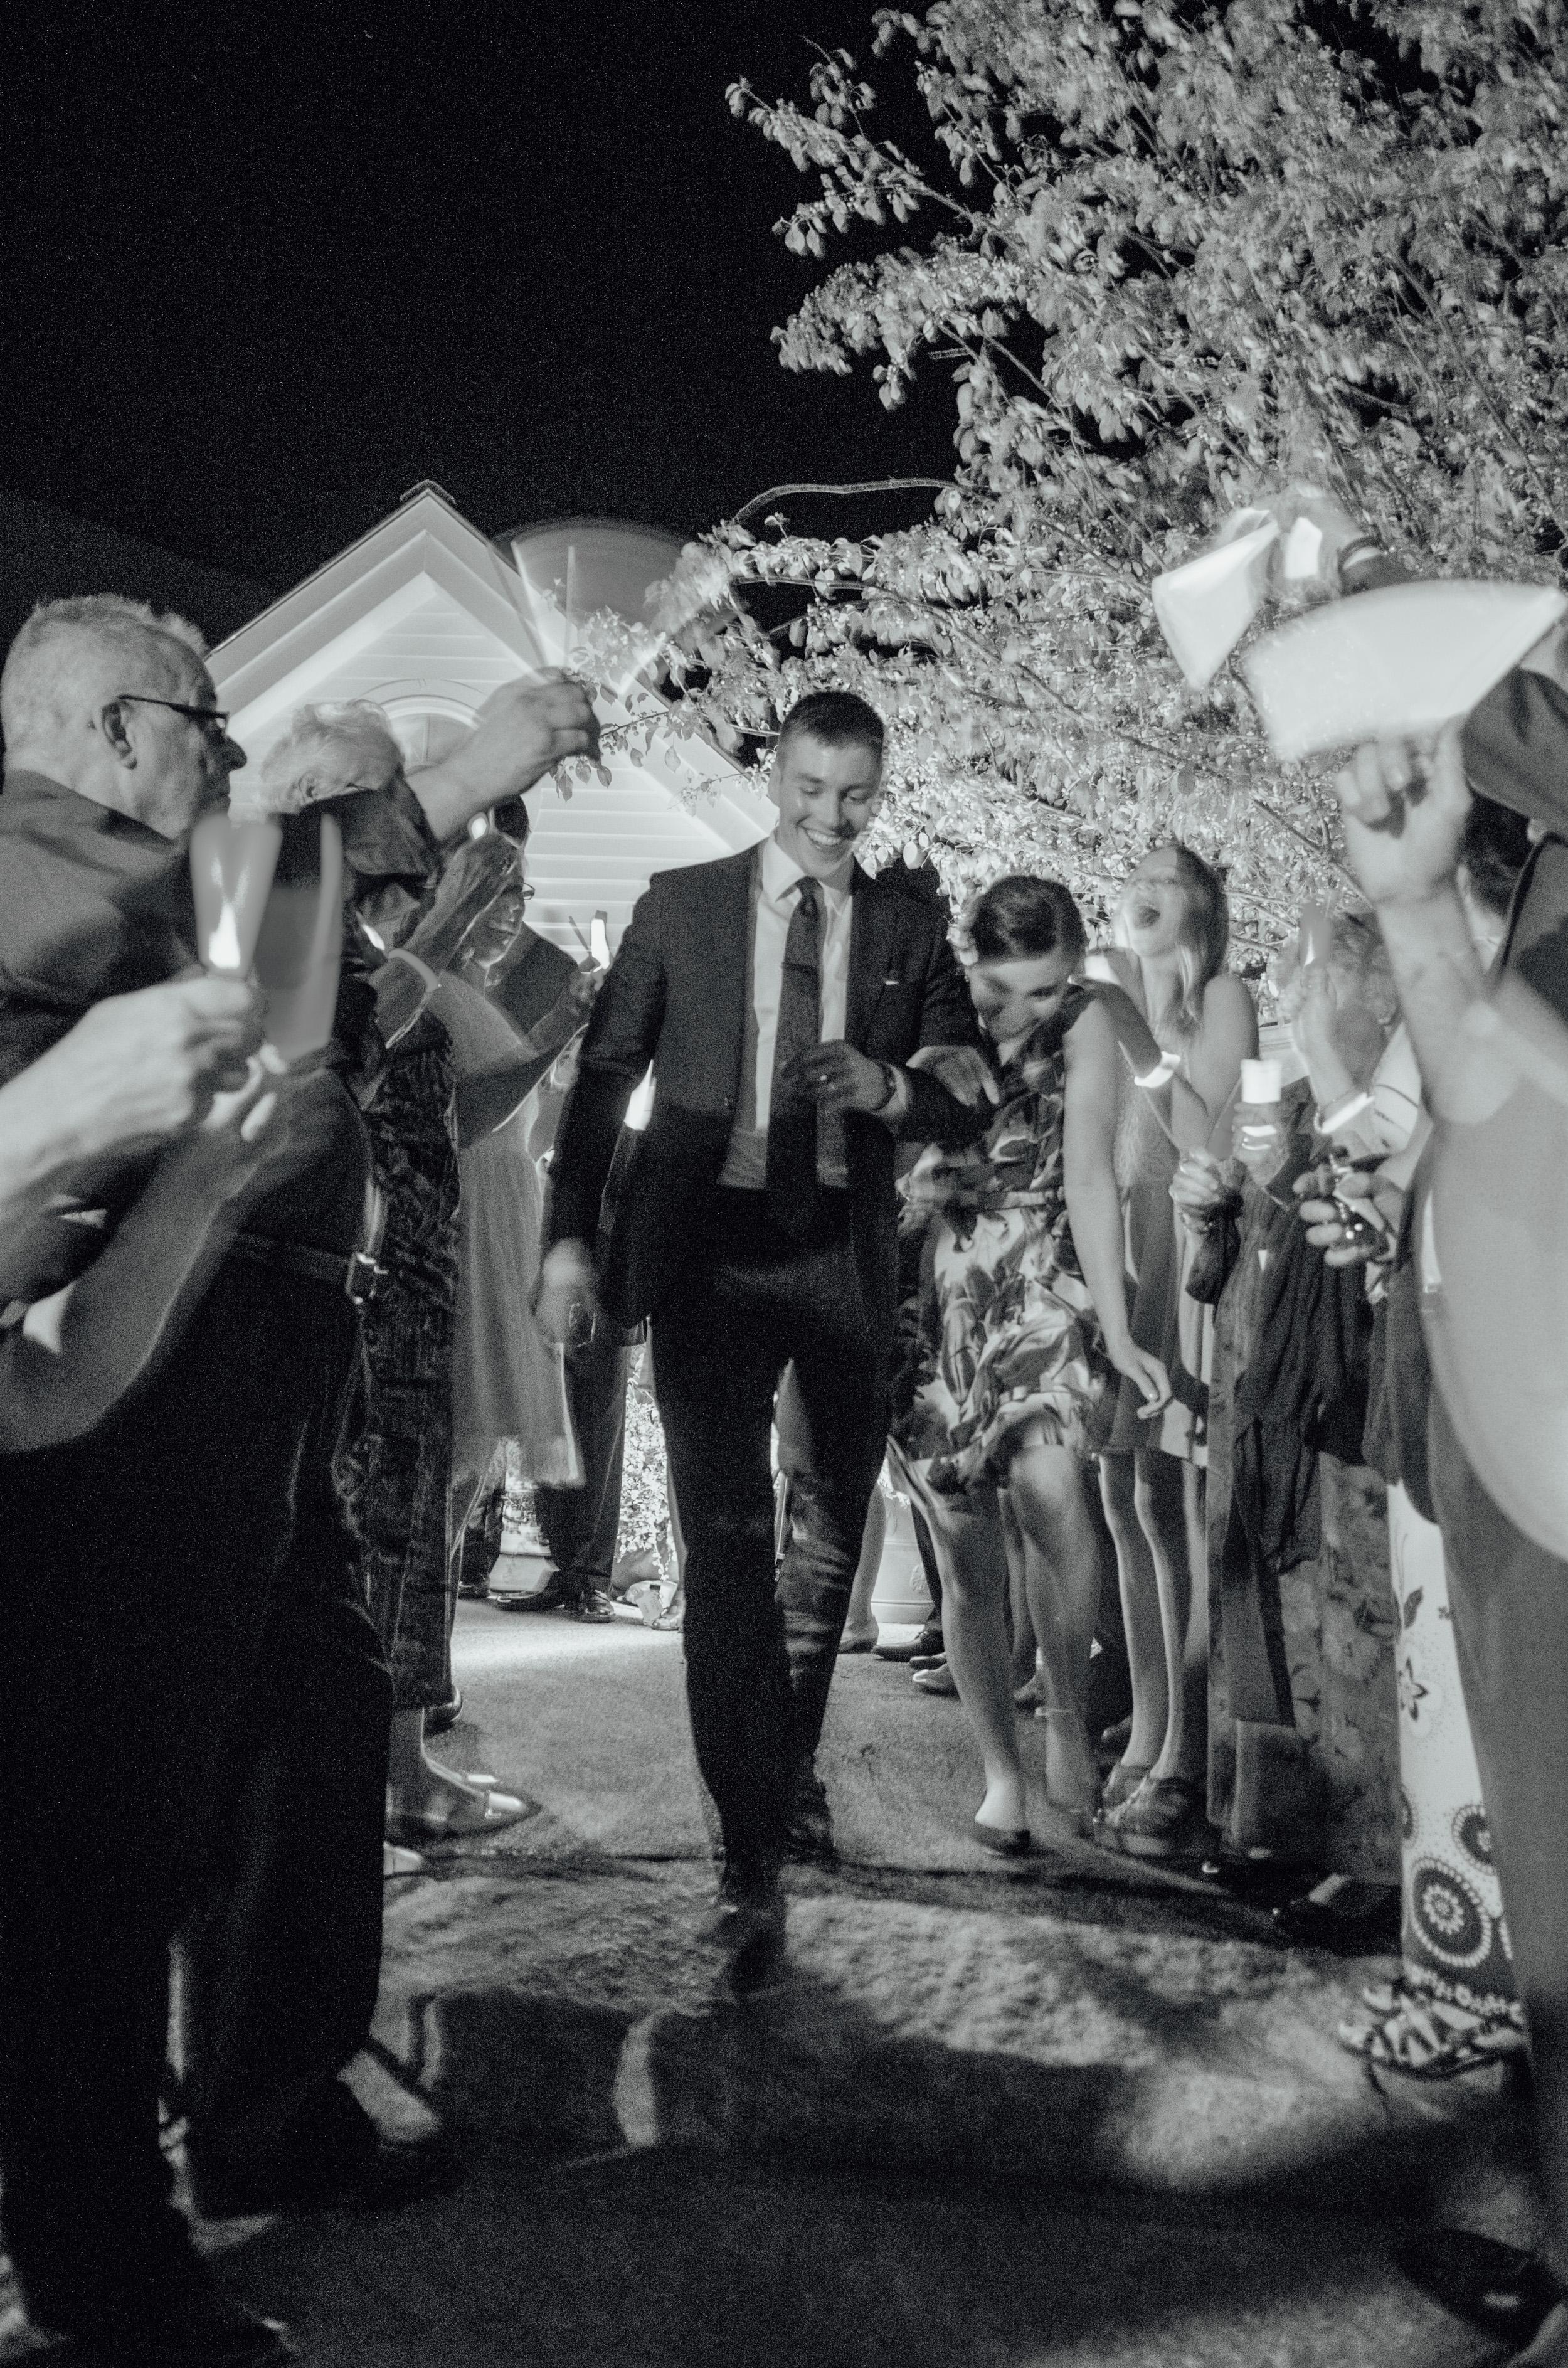 cleland-studios-weddings-77.jpg